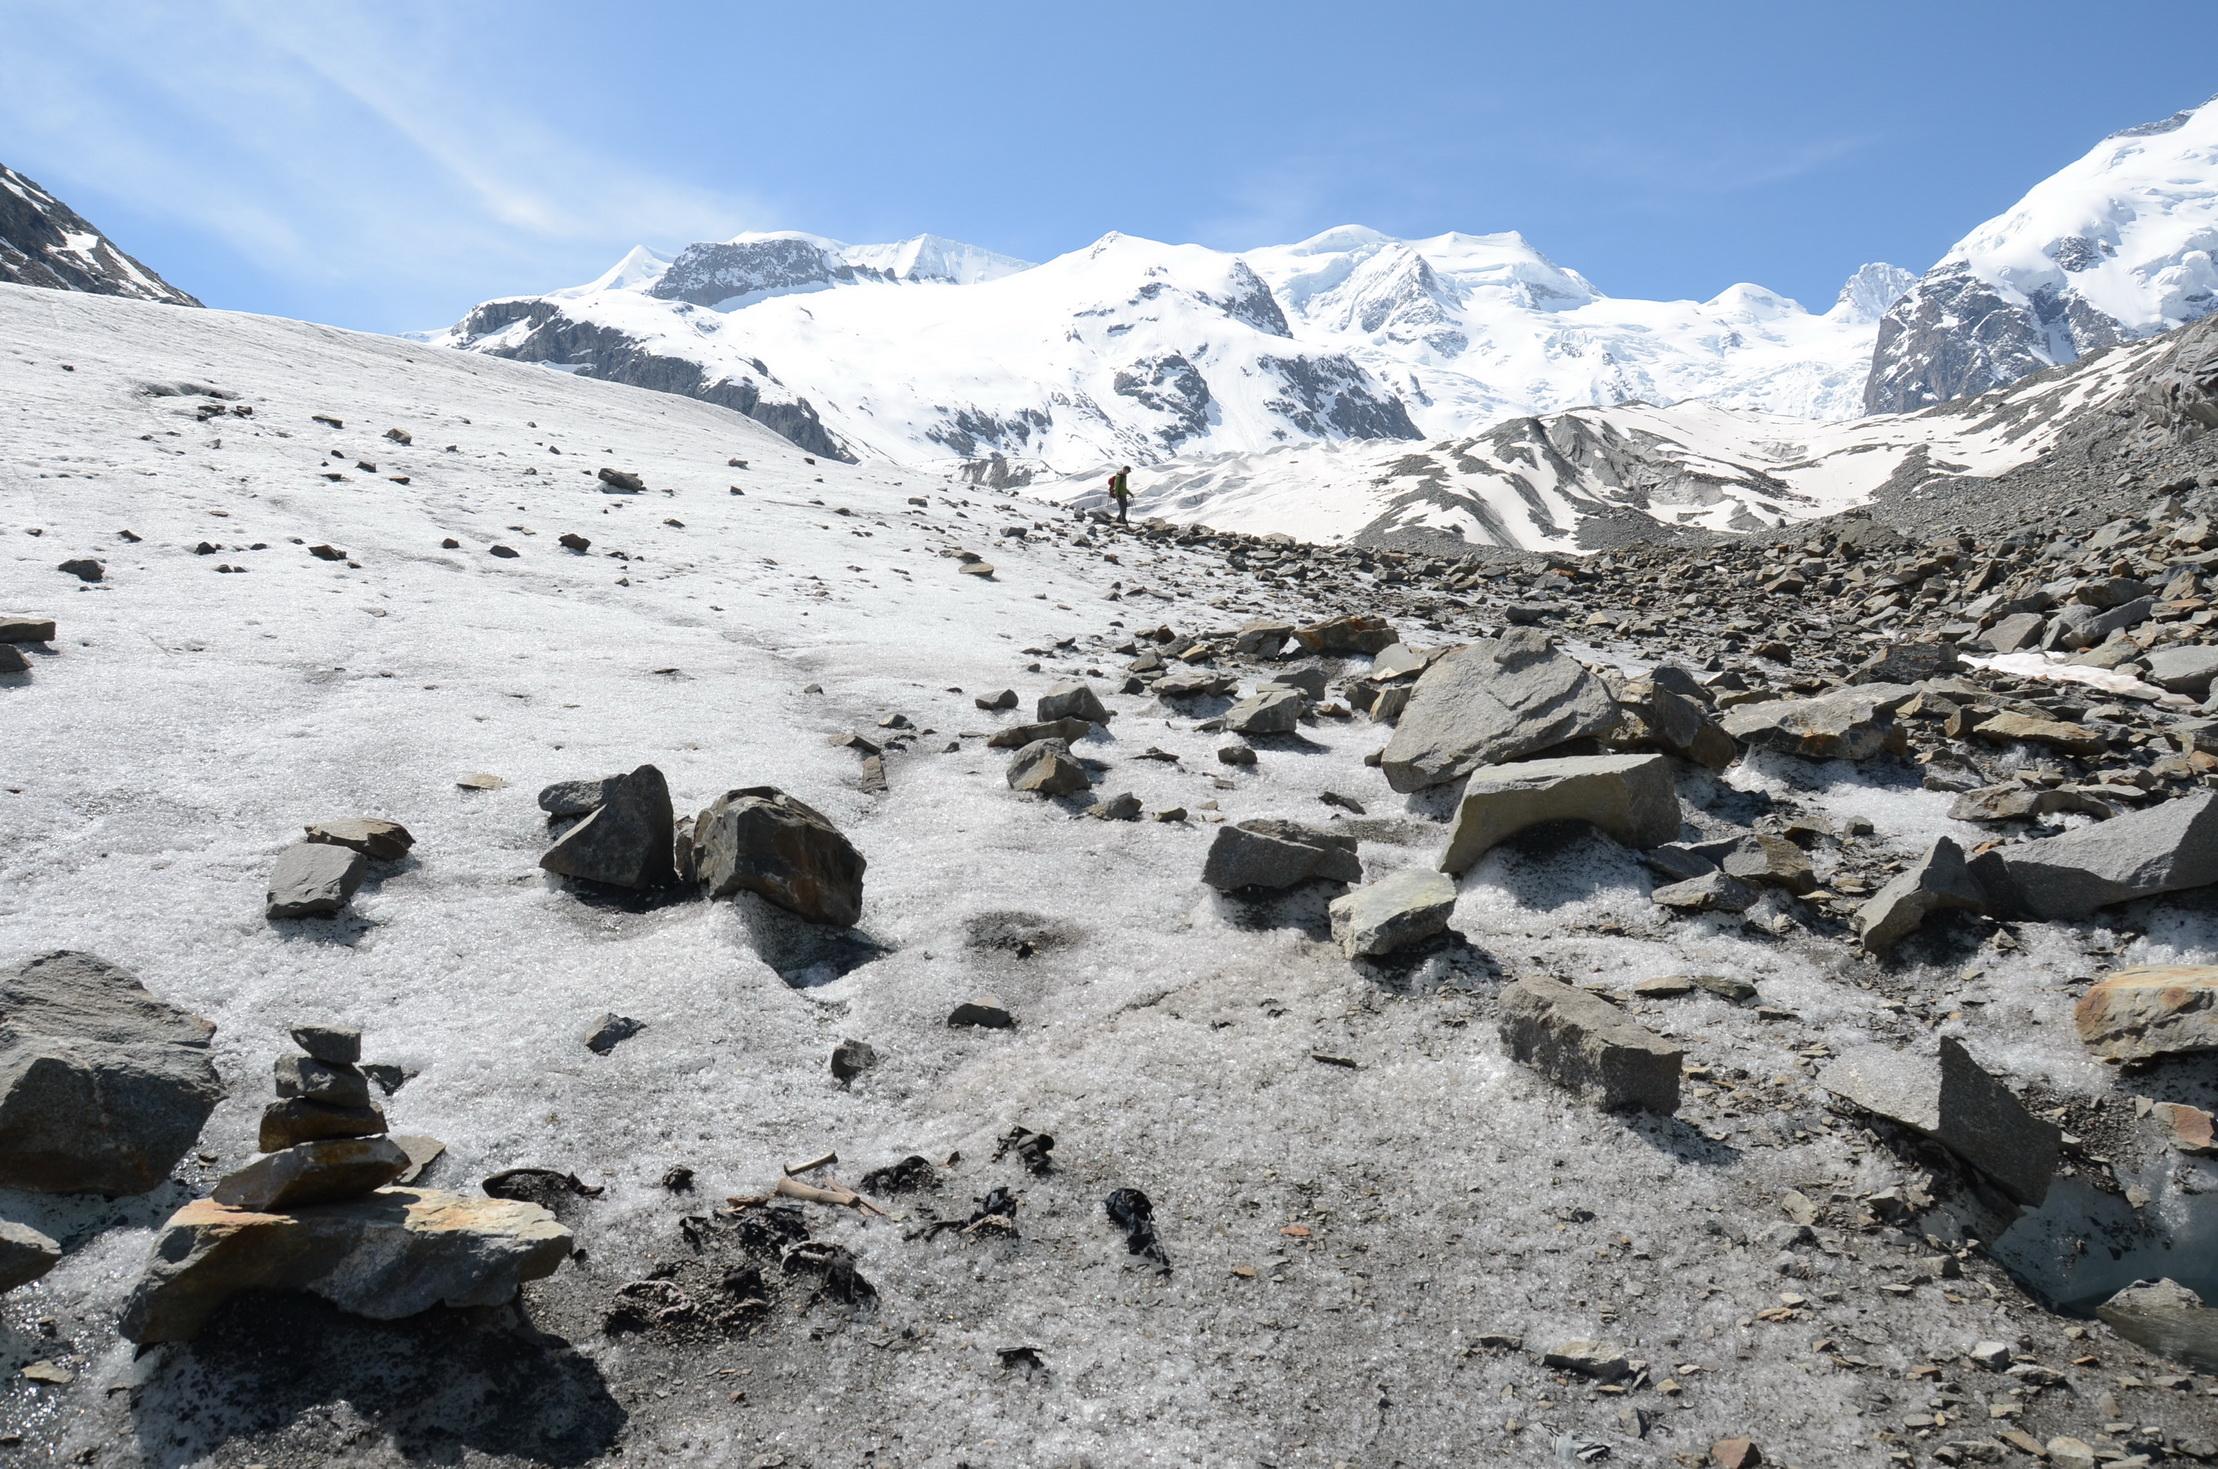 Objekt beim Wandern im Eis gefunden – was tun?